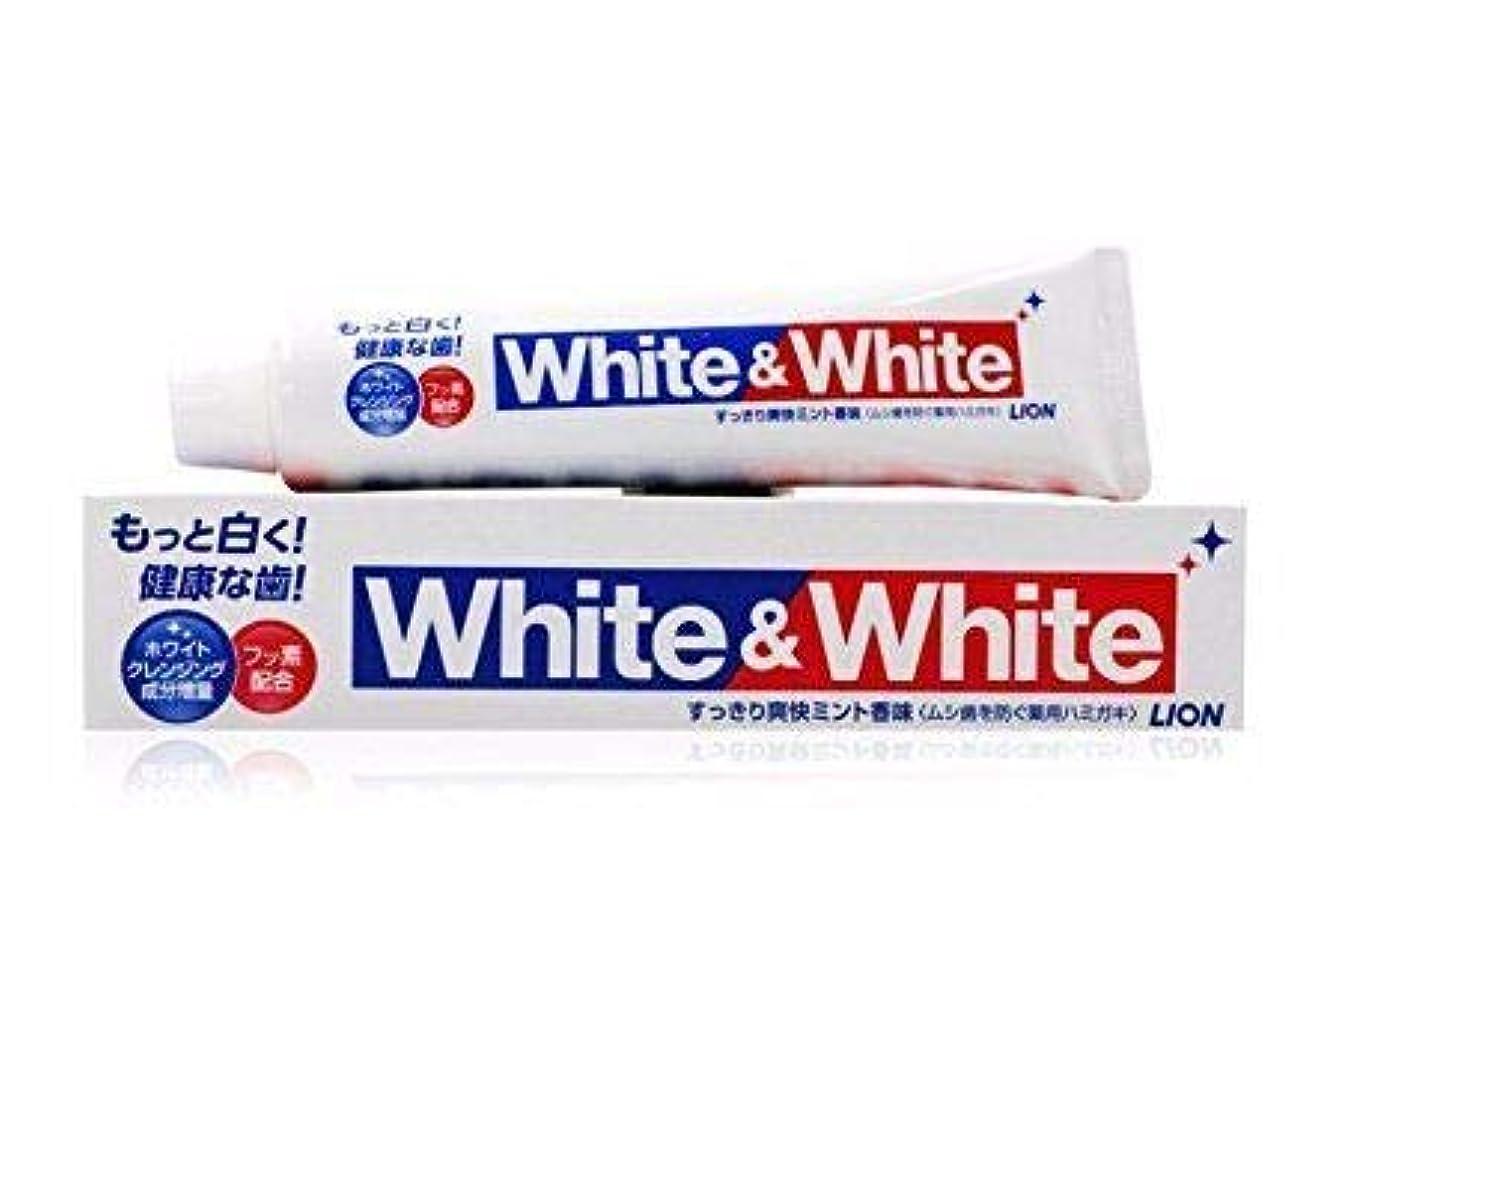 ライオン ホワイト&ホワイト ライオン 150g (医薬部外品)